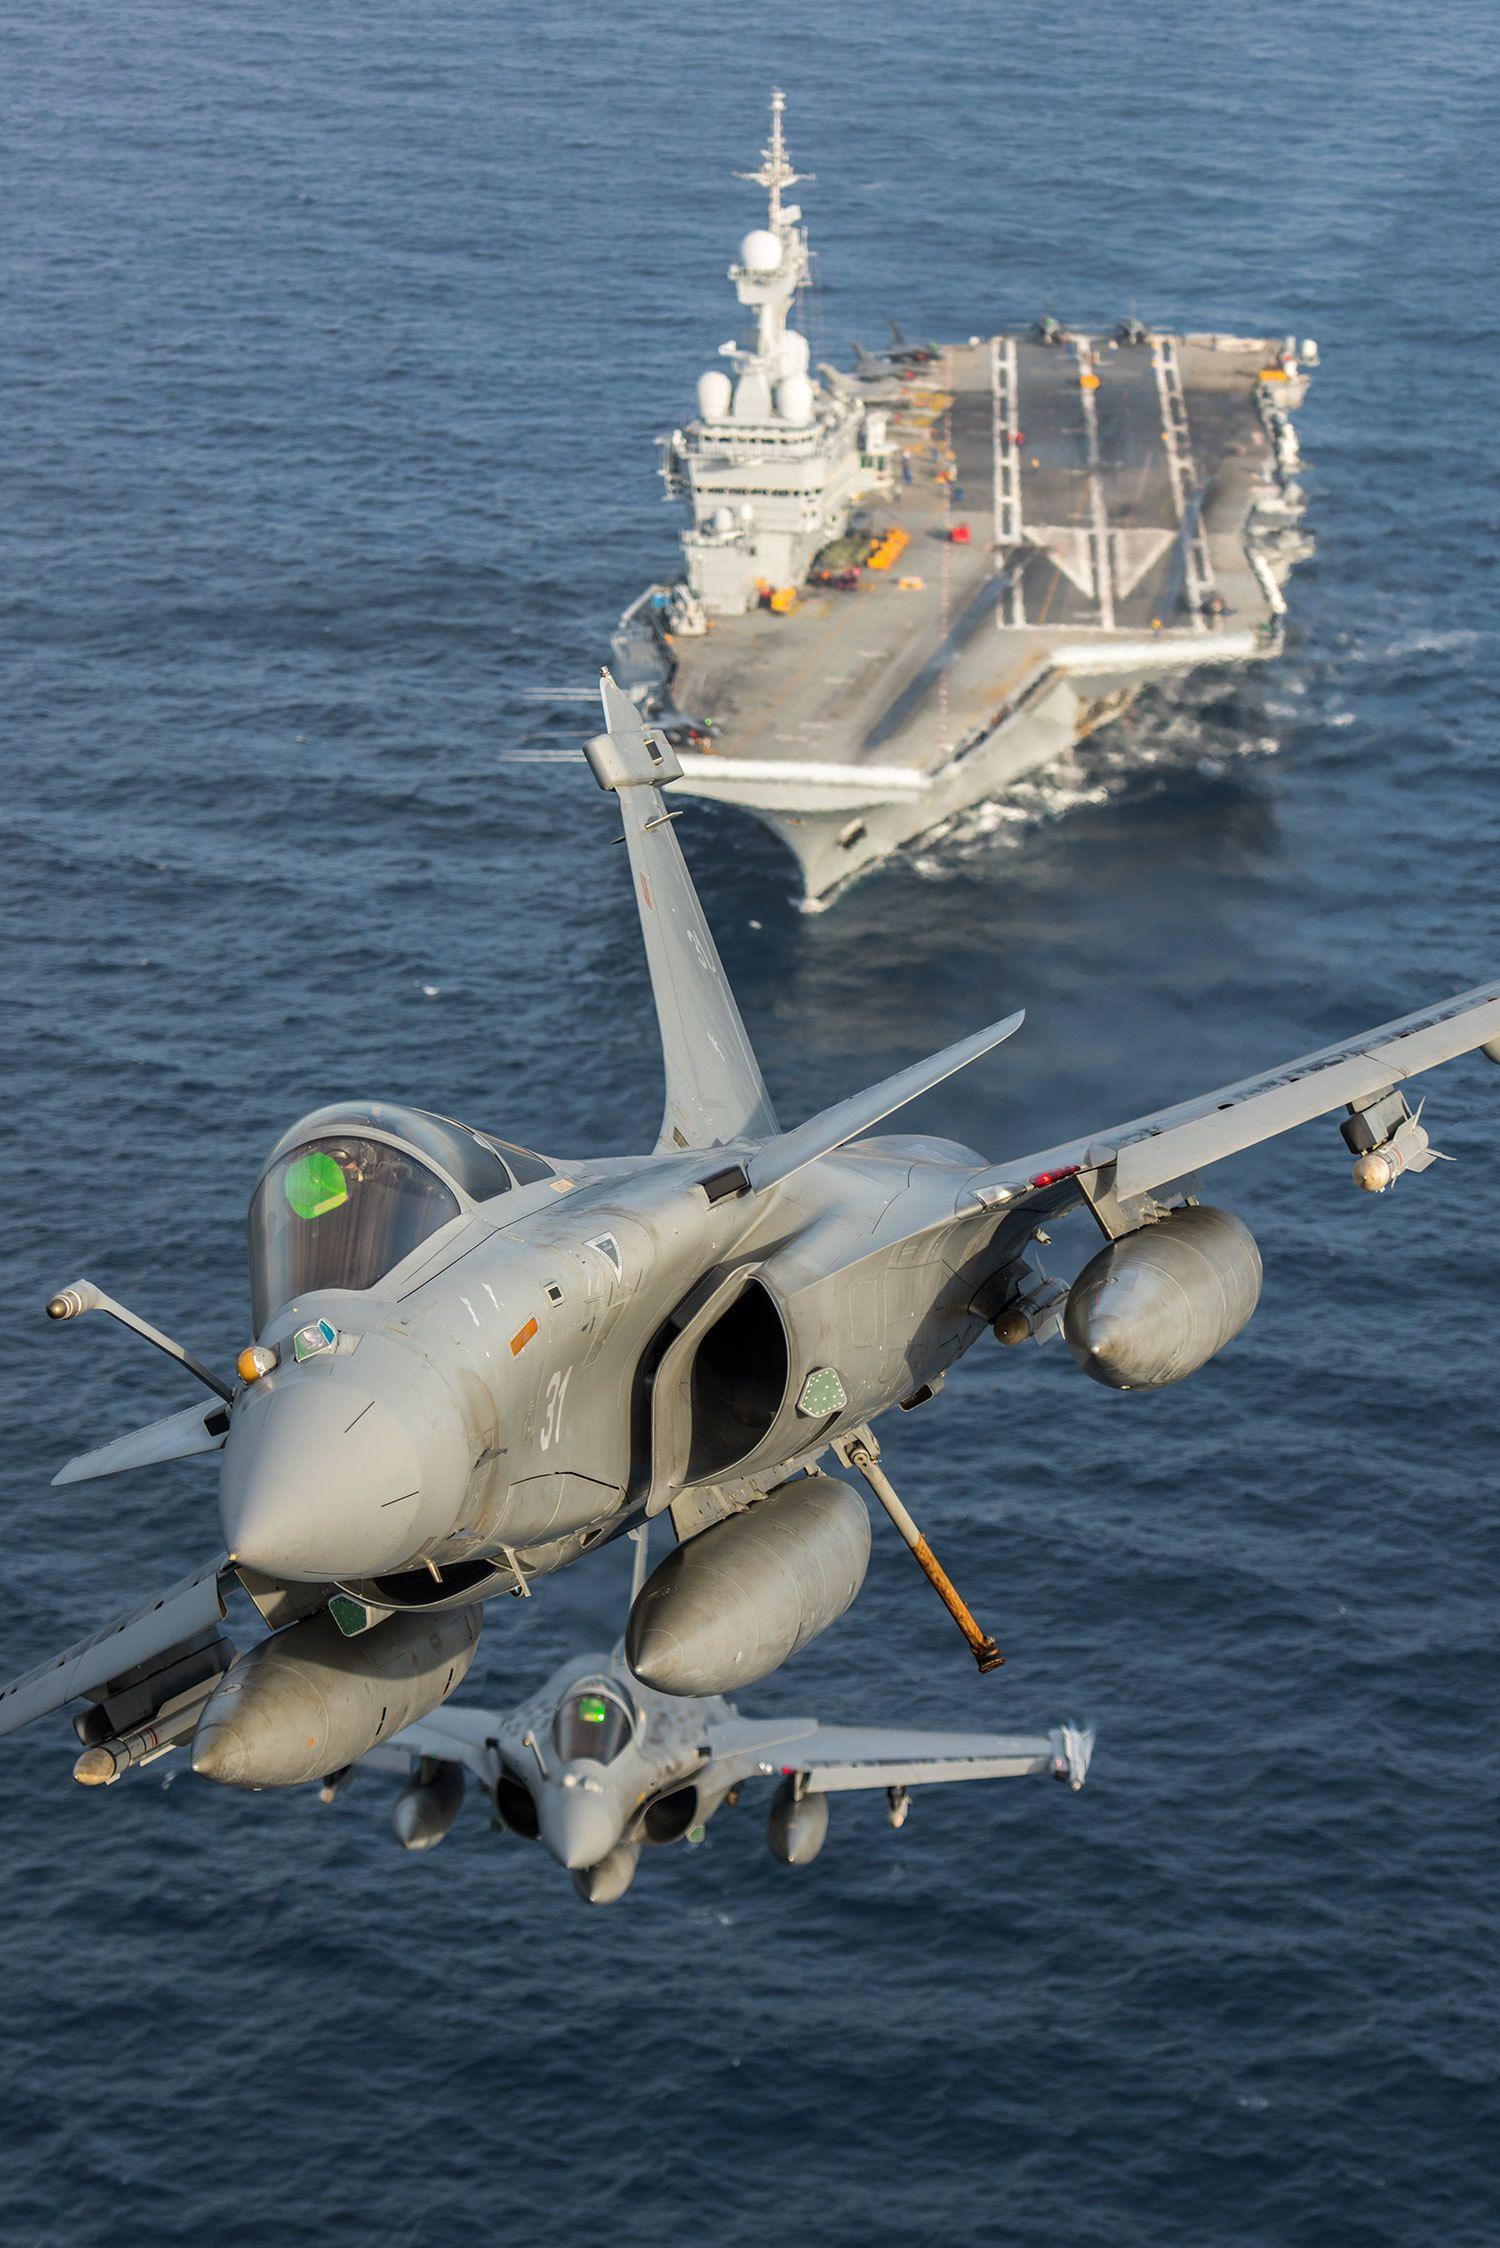 ダッソー・ラファールM(生産国フランス) 空母運用を続ける国は米の他は実質的に仏のみ